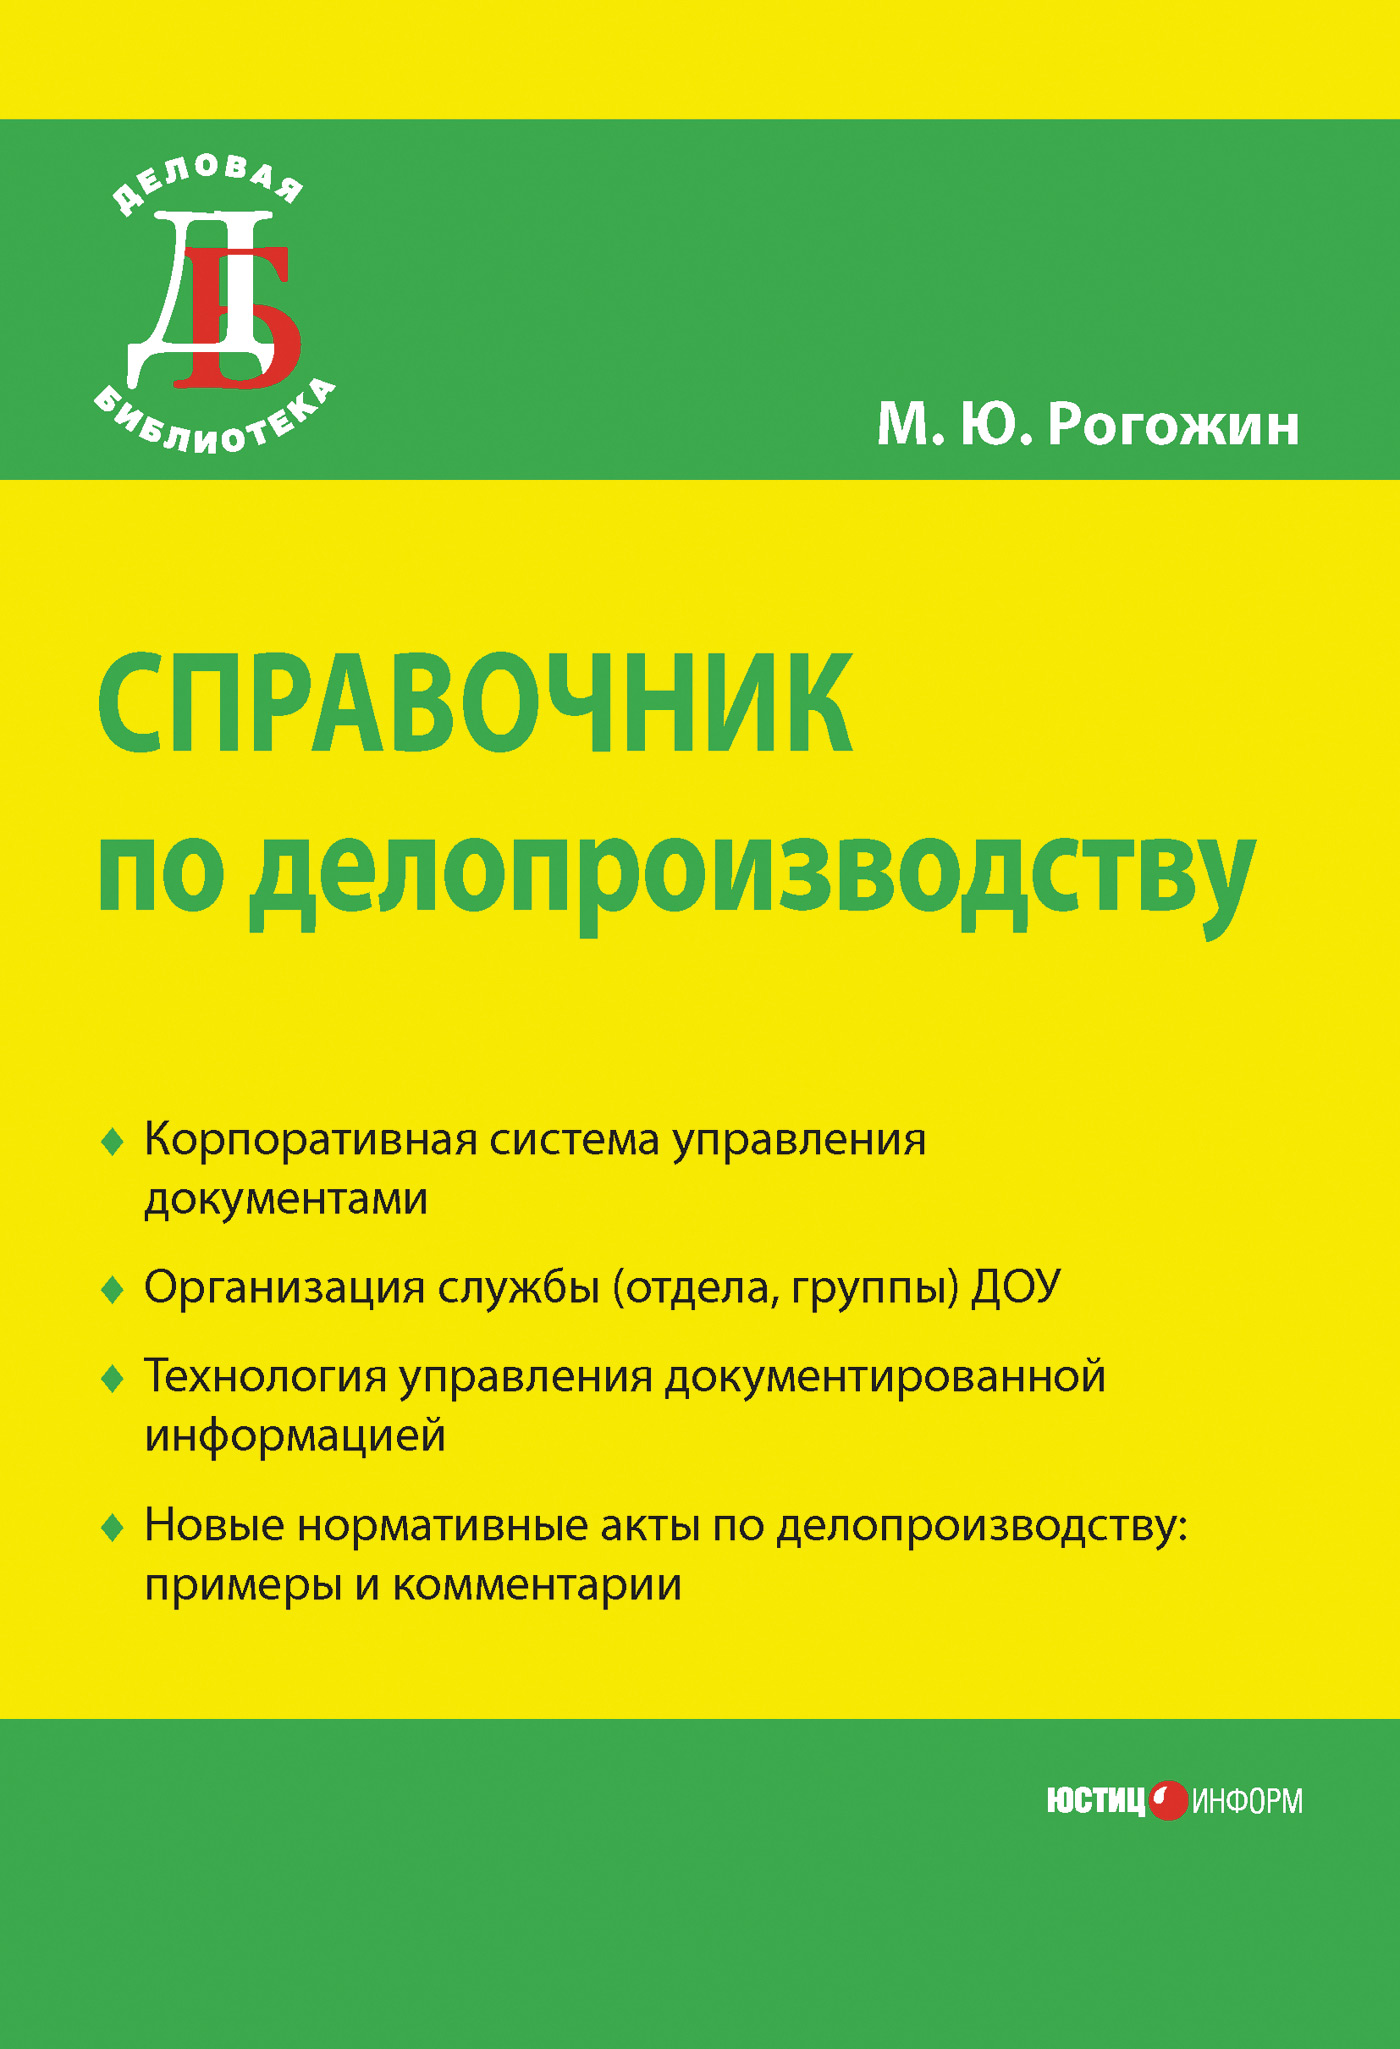 Купить книгу Справочник по делопроизводству, автора Михаила Рогожина